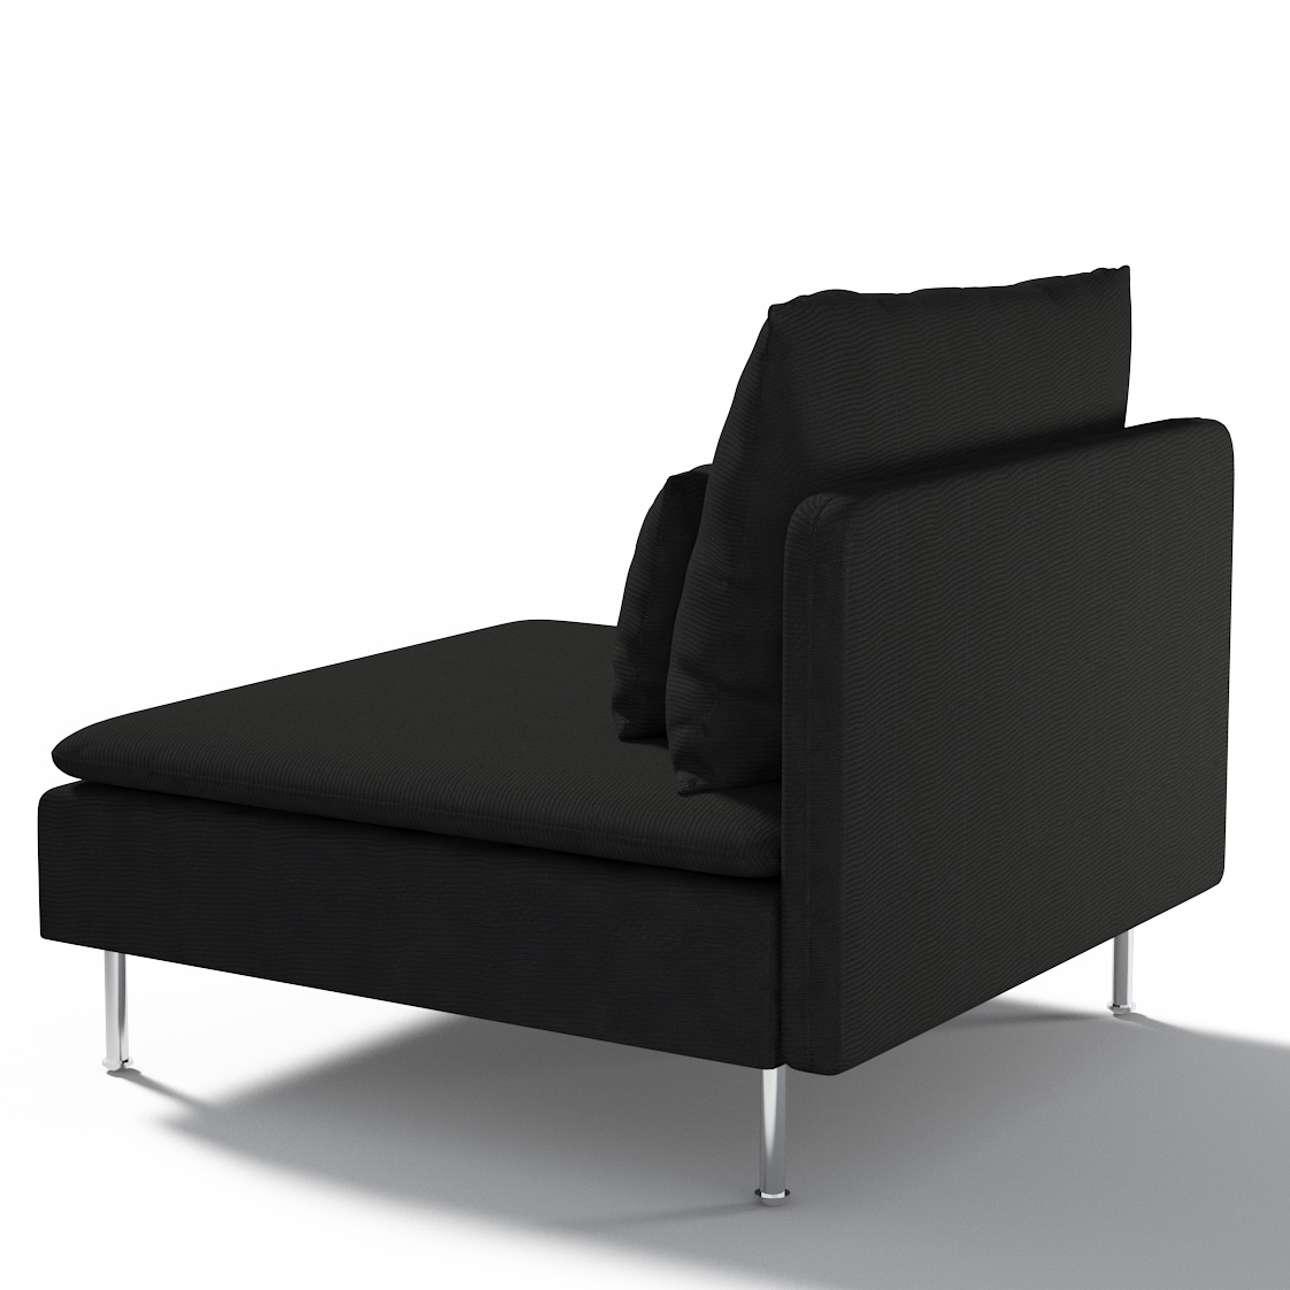 Söderhamn Bezug für Sitzelement 1 Sitzelement 1 von der Kollektion Etna, Stoff: 705-00